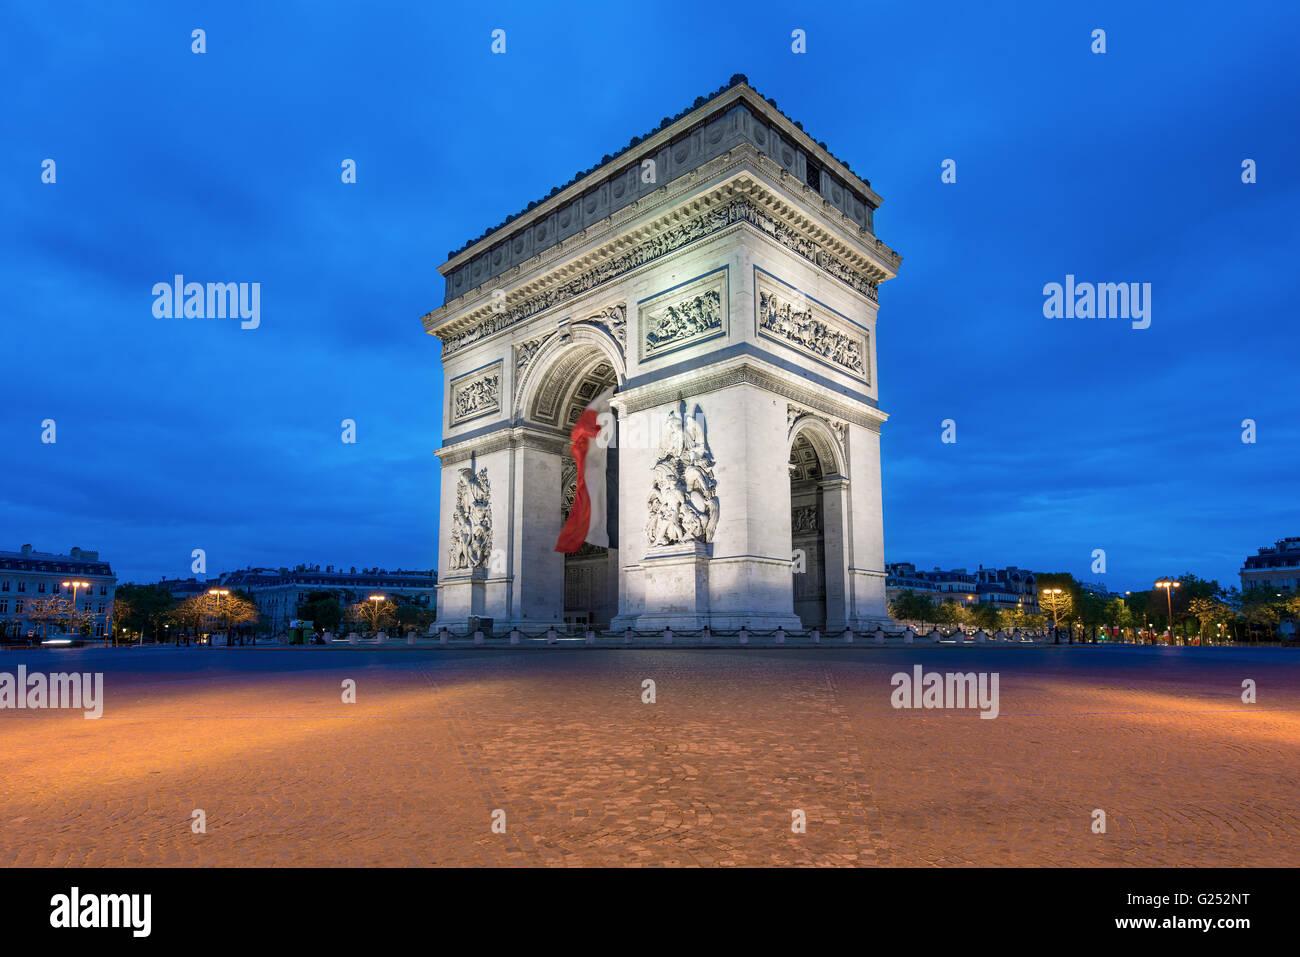 Arc de Triomphe bei Sonnenuntergang in Paris, Frankreich - Triumphbogen Stockbild